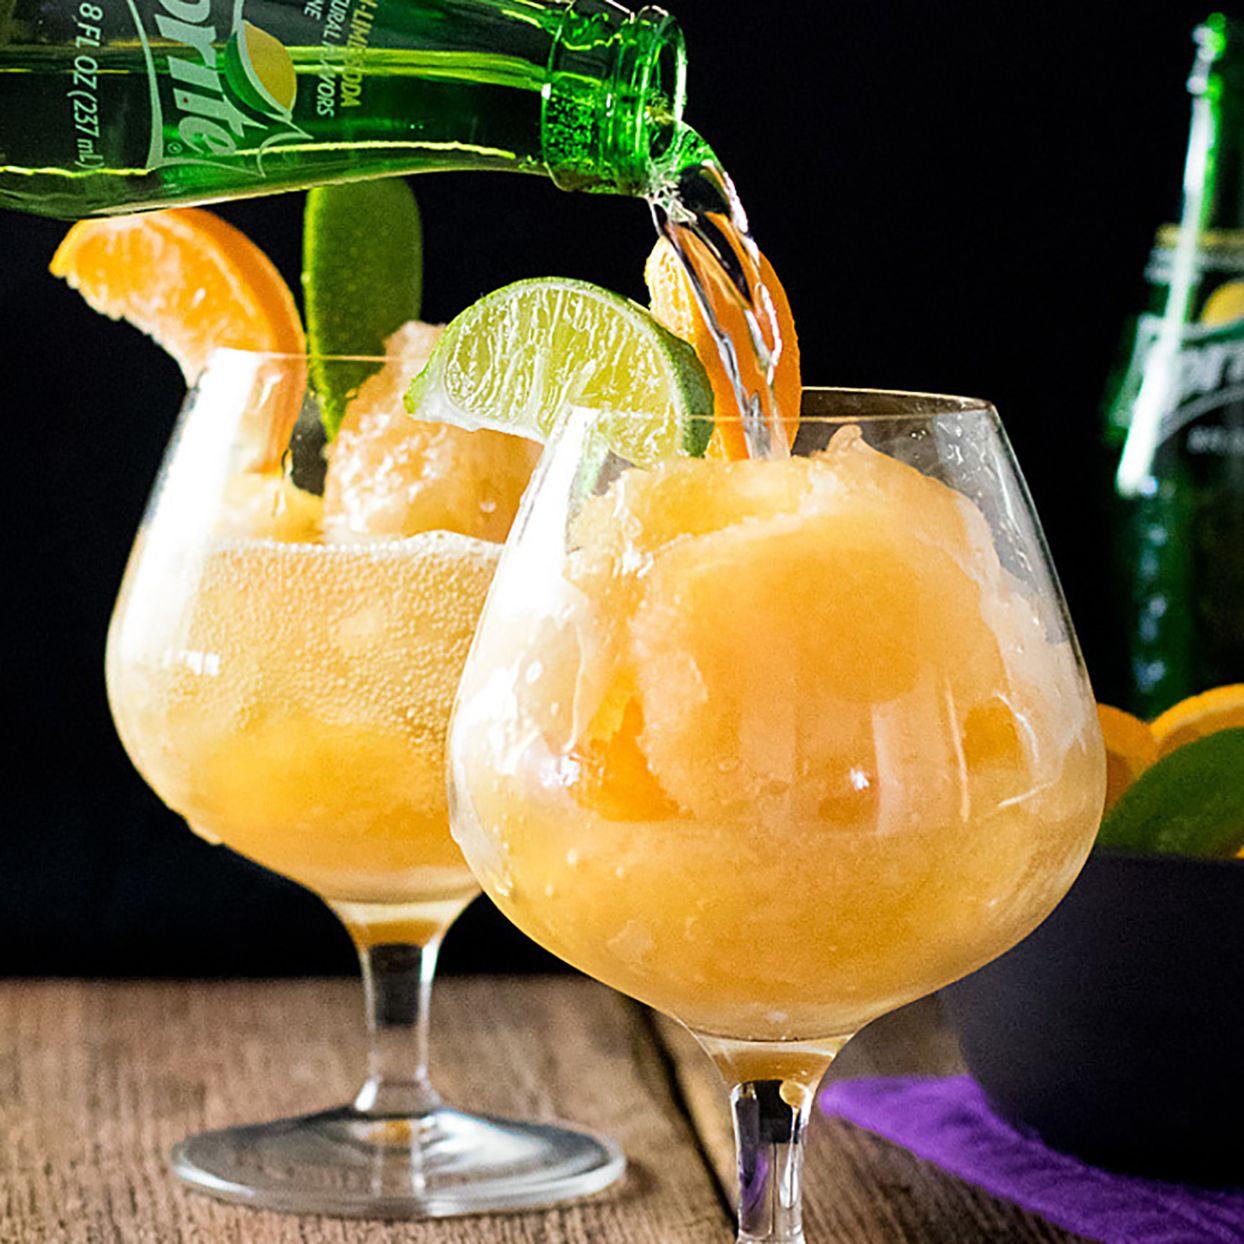 peach brandy drink recipes